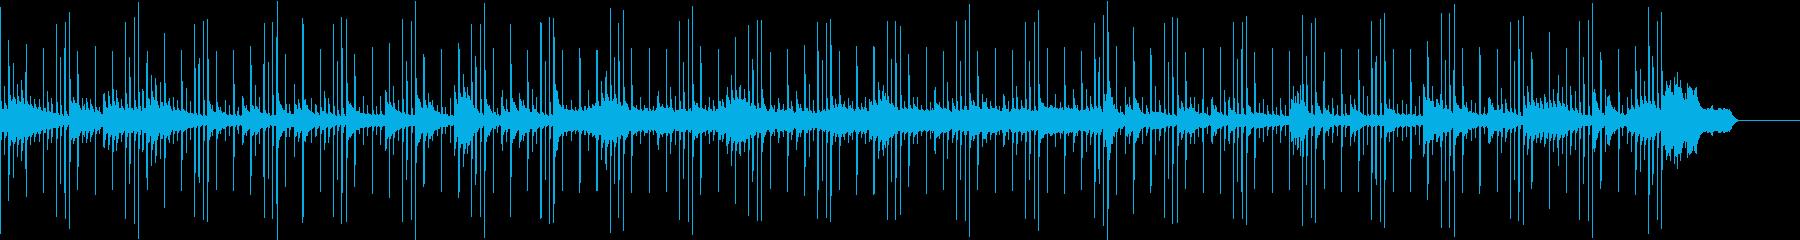 【ヒップホップ】どこか懐かしいサウンドの再生済みの波形